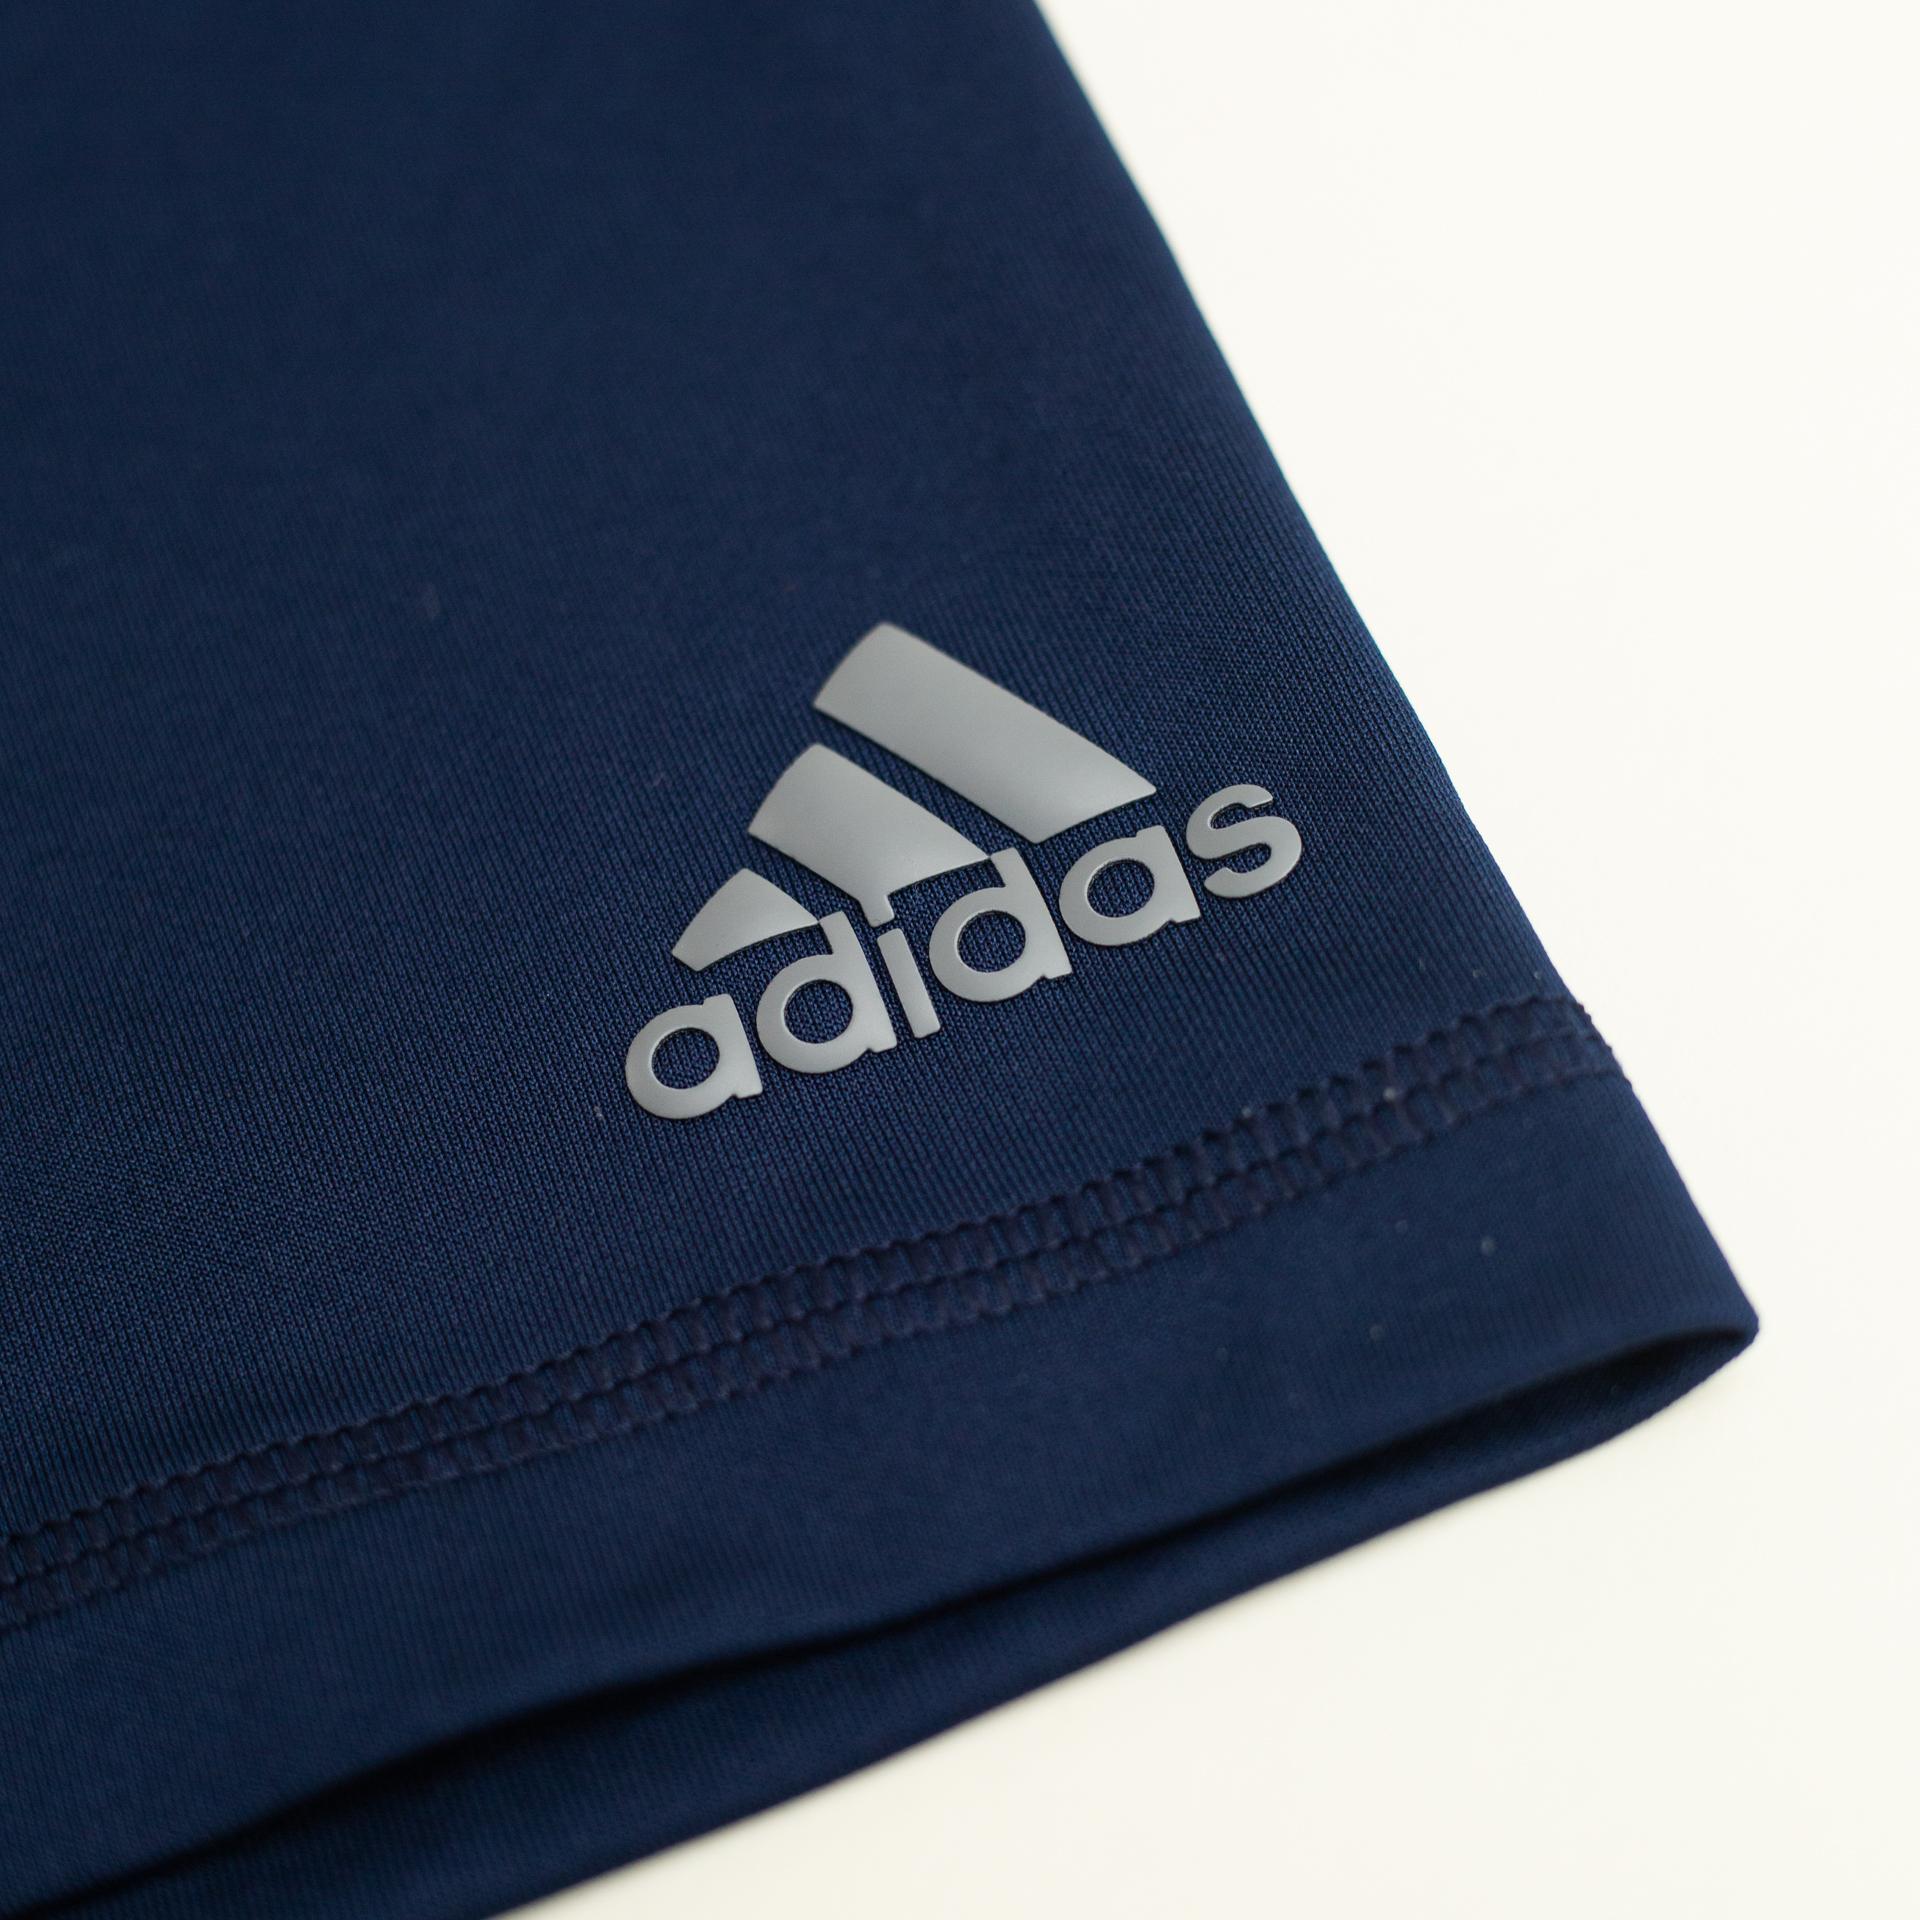 Dallas Molster #14 Adidas Shersey